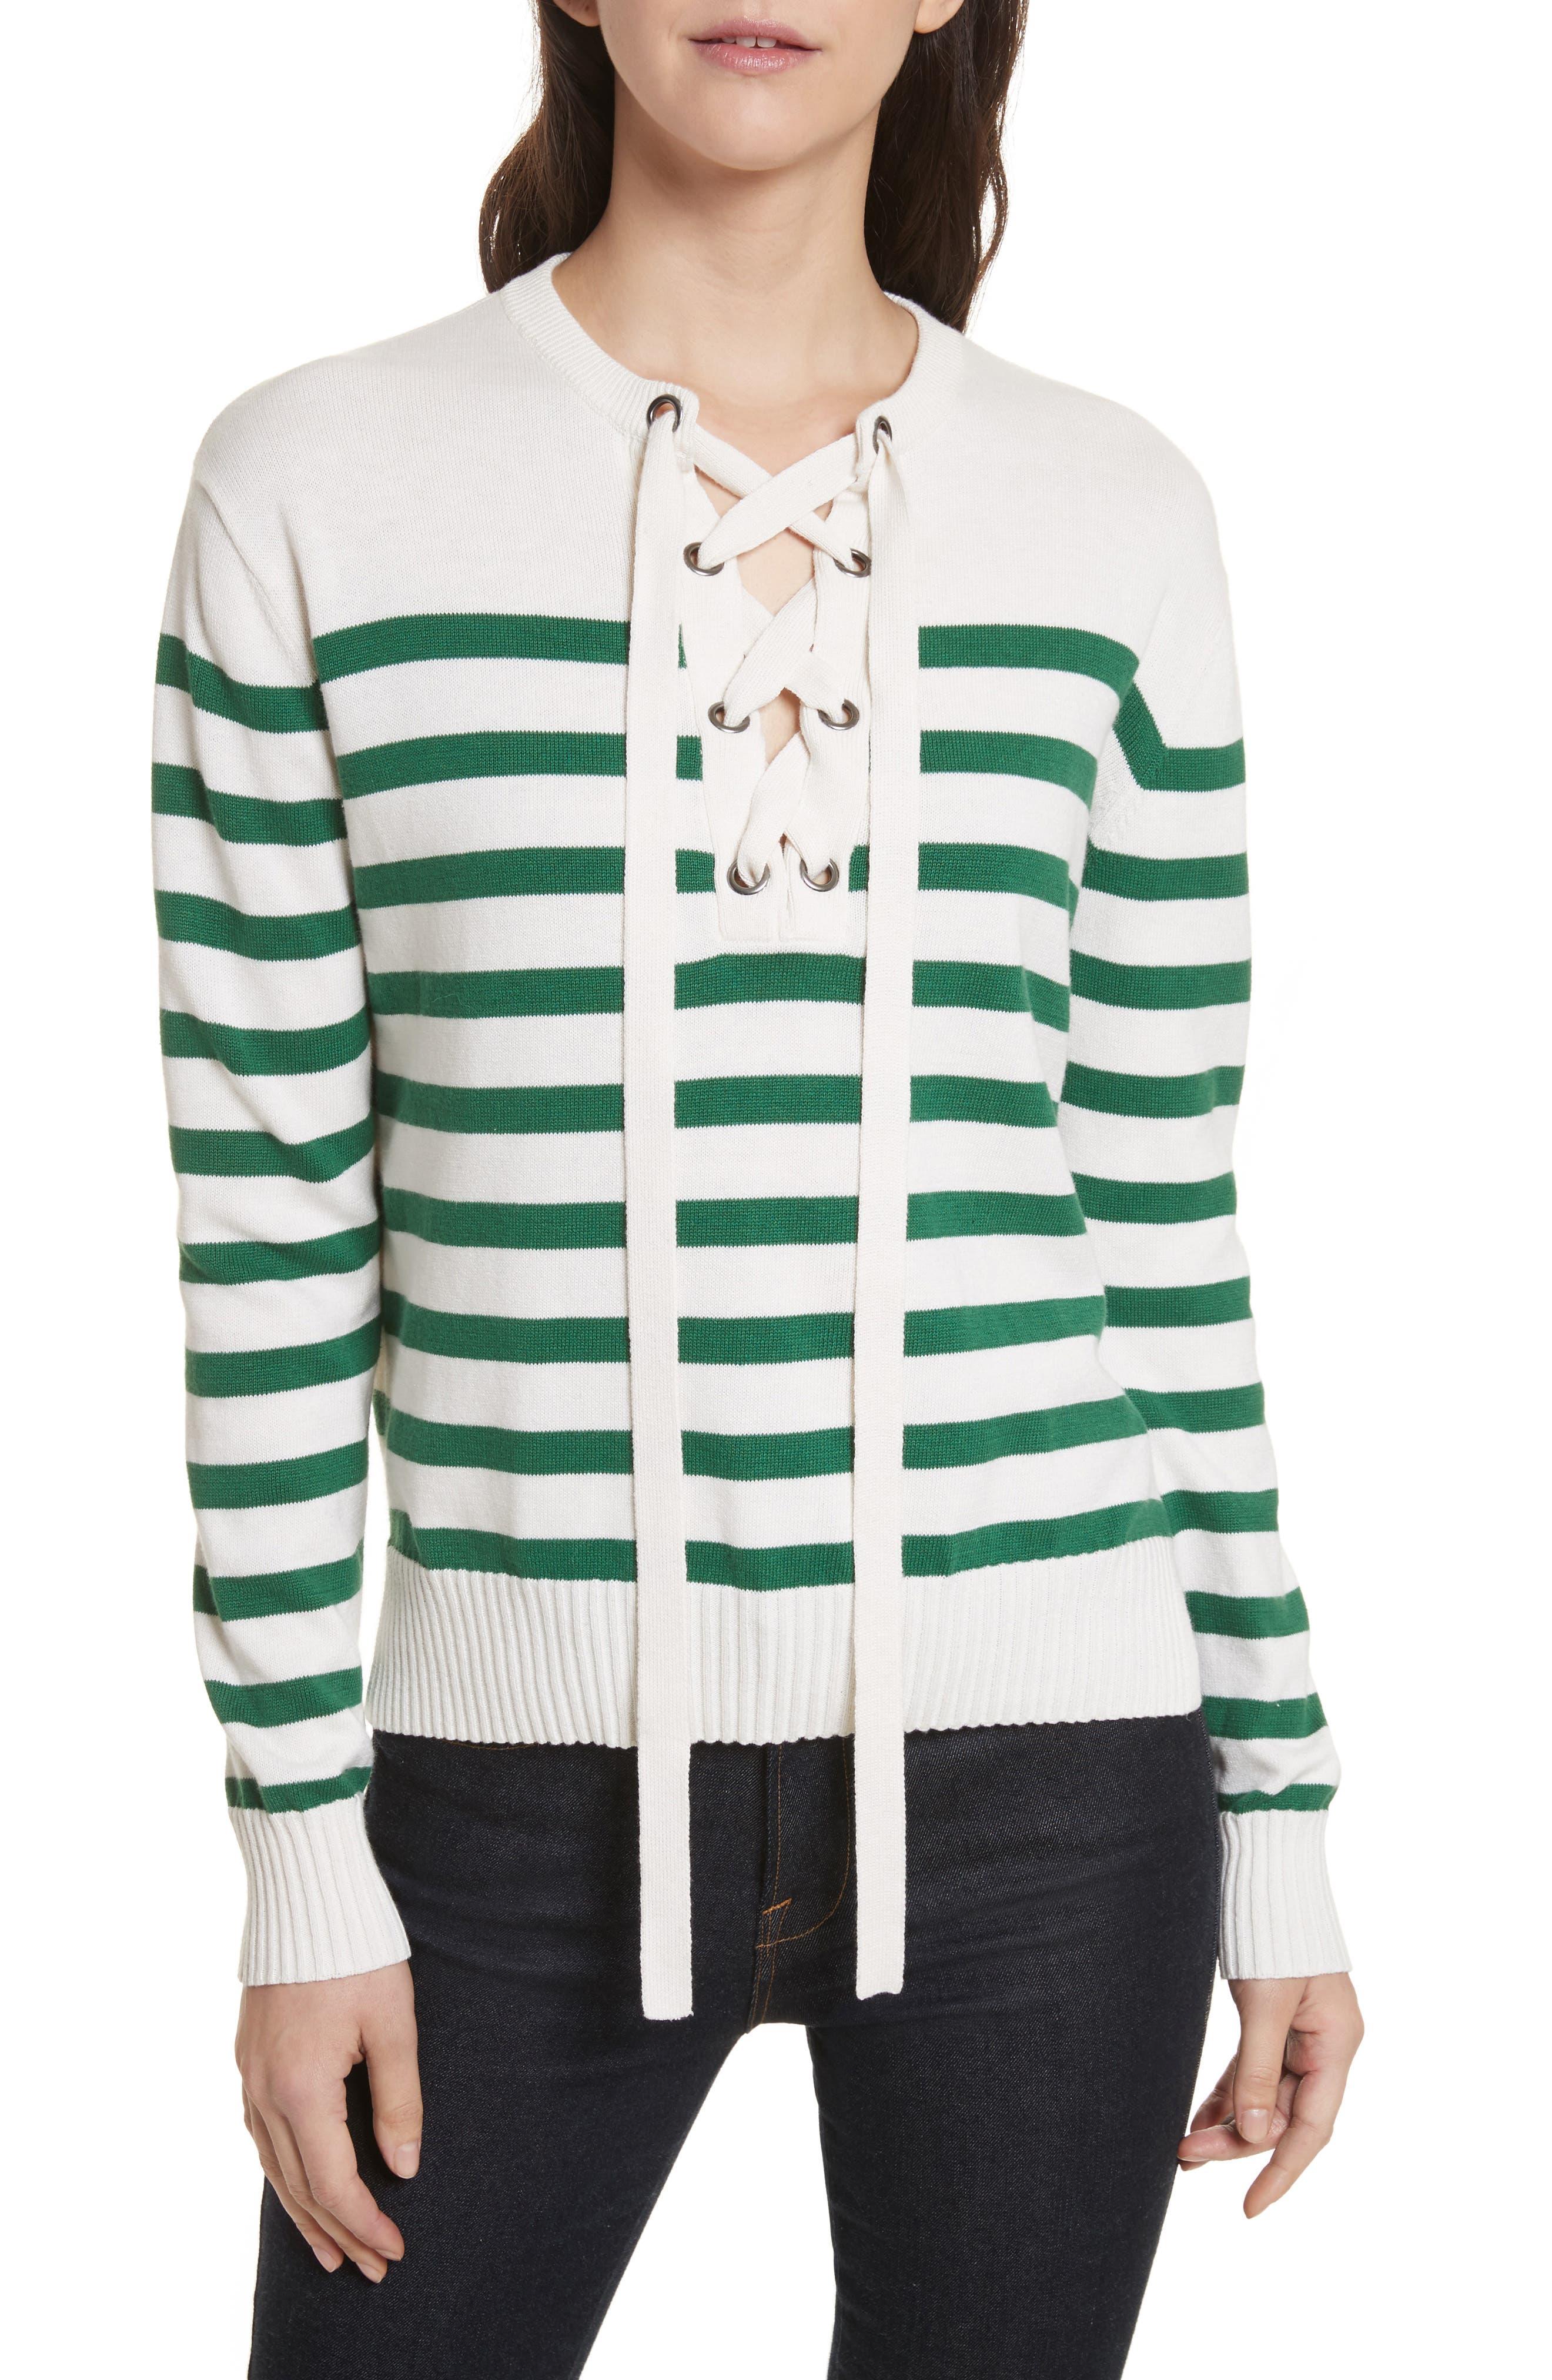 Winston Sweater,                         Main,                         color, White/ Eden